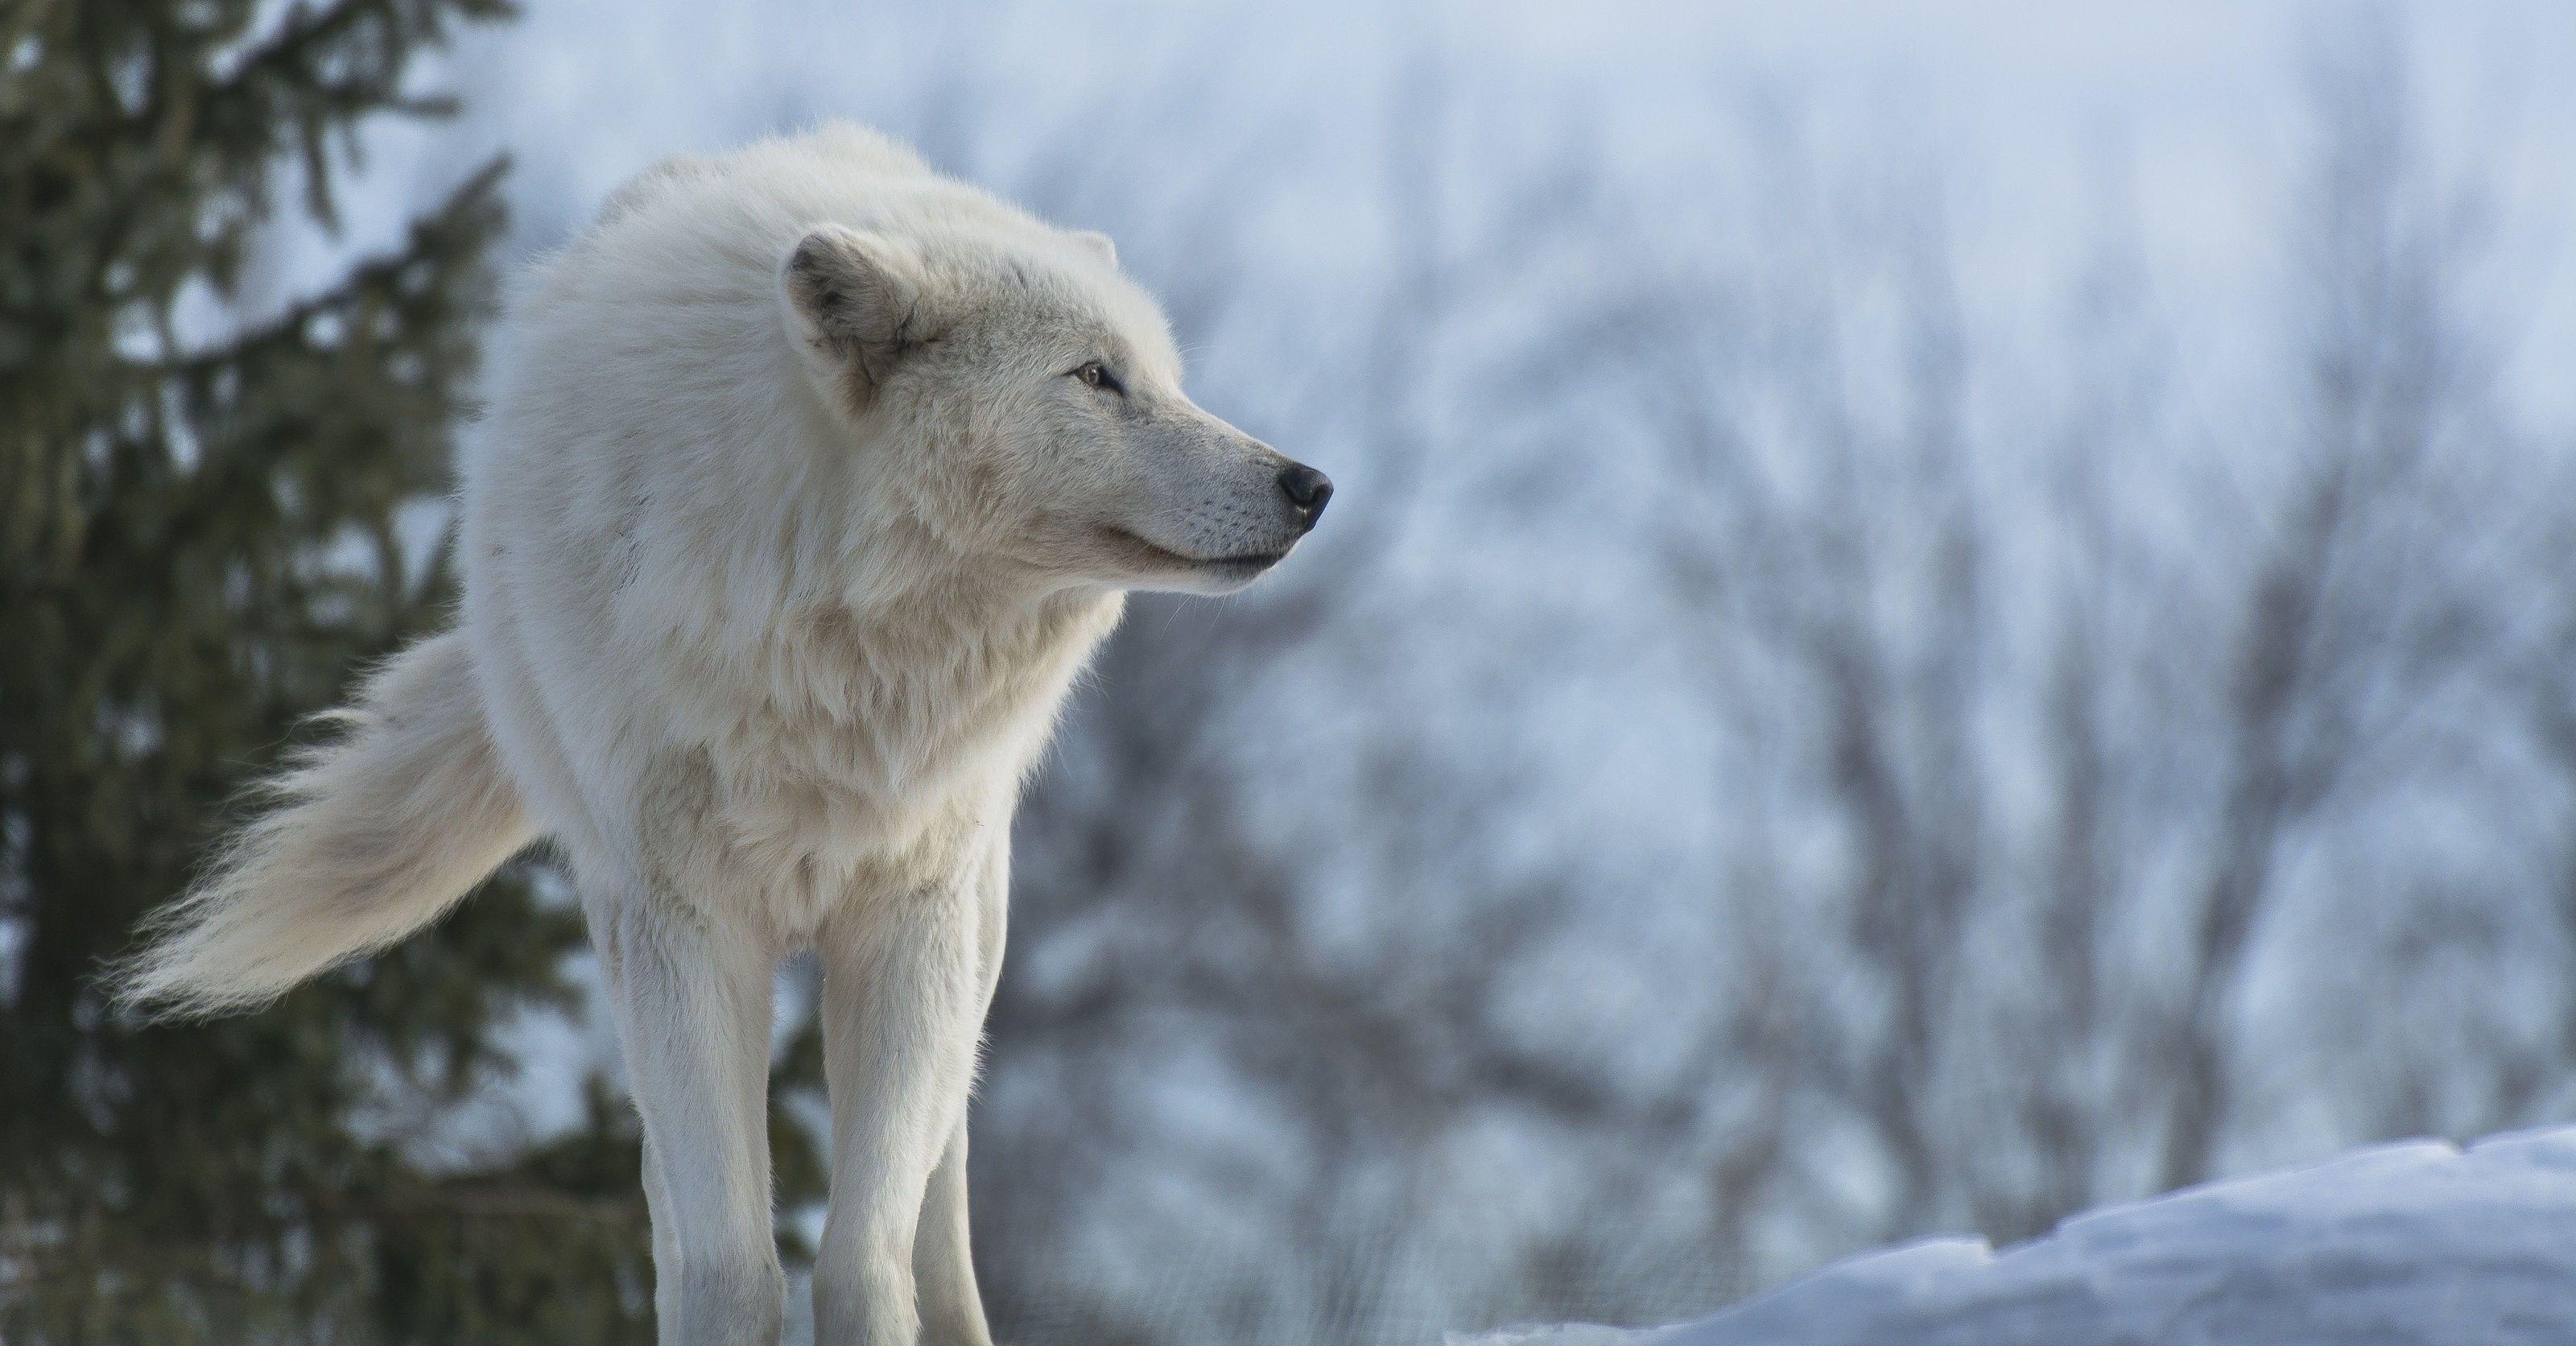 Tải xuống miễn phí hình nền chó sói trắng 3200x1672 - Tải hình nền HD miễn phí